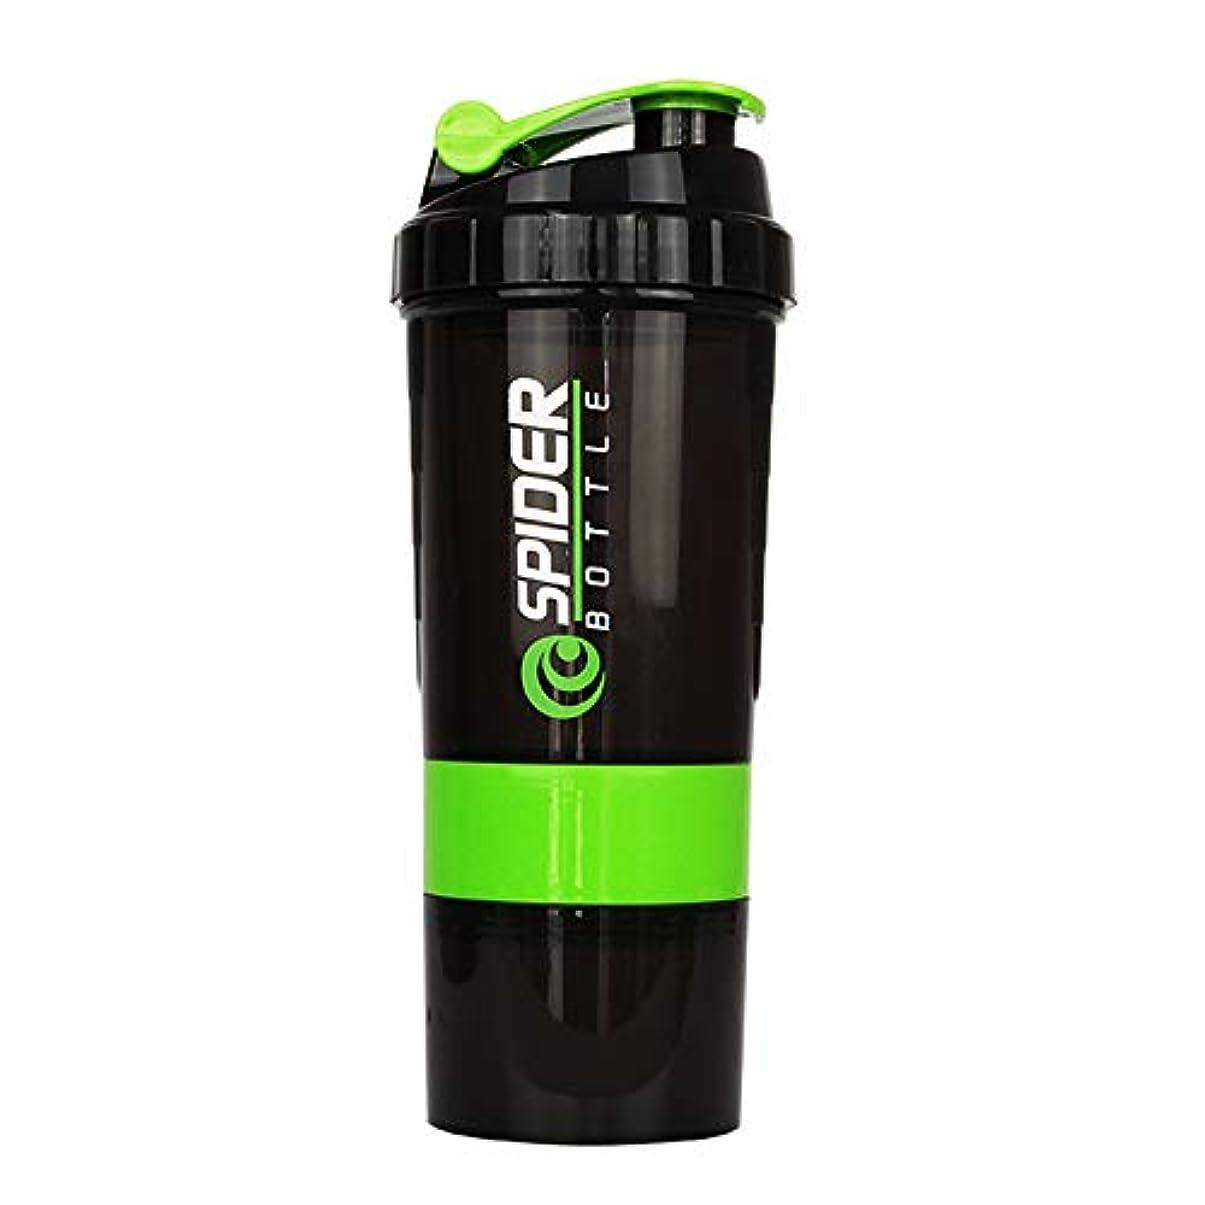 シールドシャイかわすプロテインシェイカー 500ml 多機能 シェーカーボトル (グリーン)